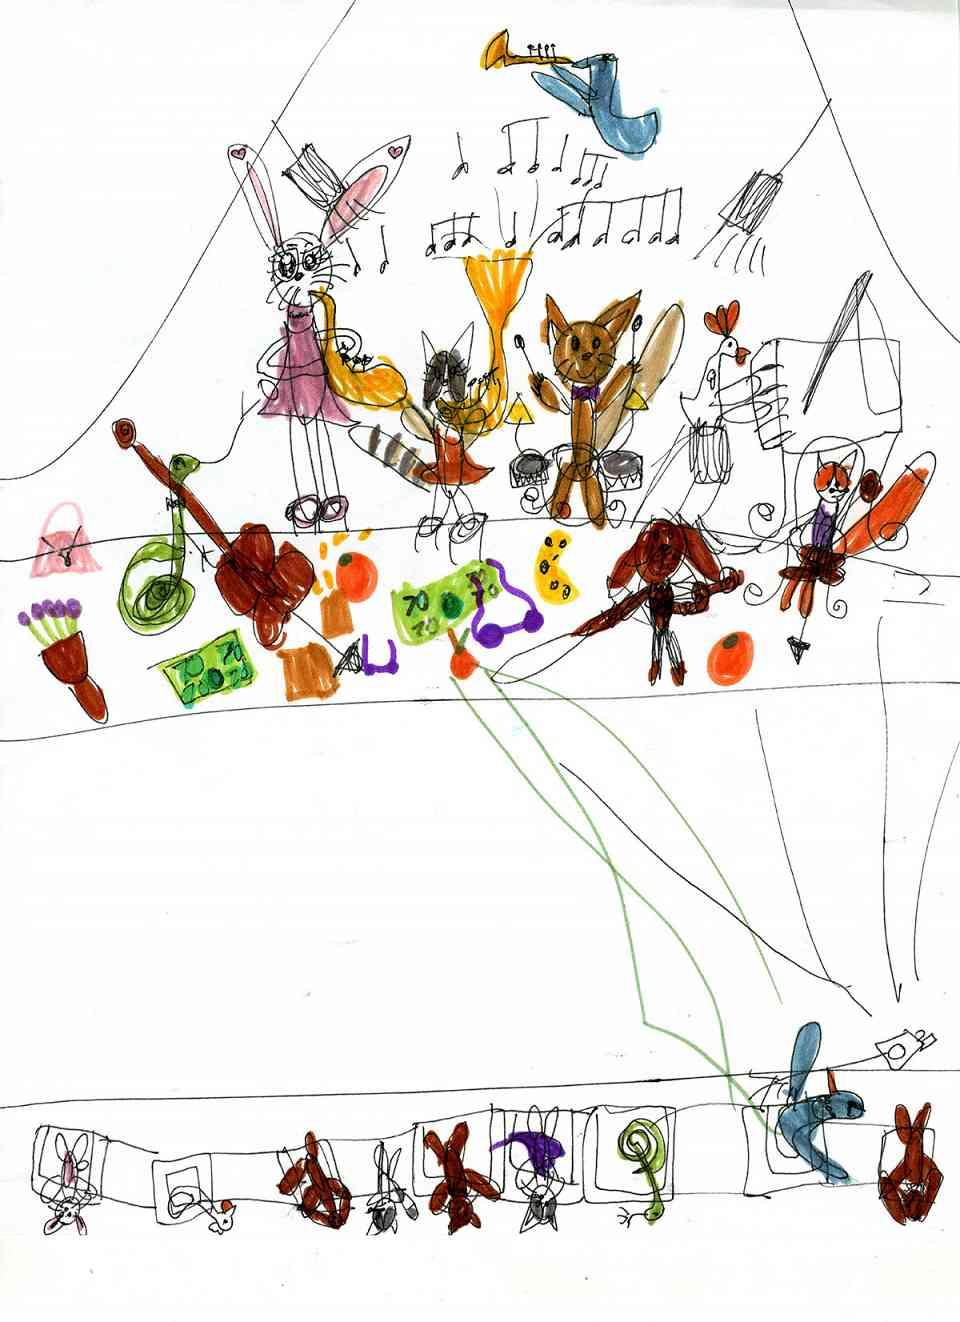 Minijournal Contest 2019—Milla-Wiechert